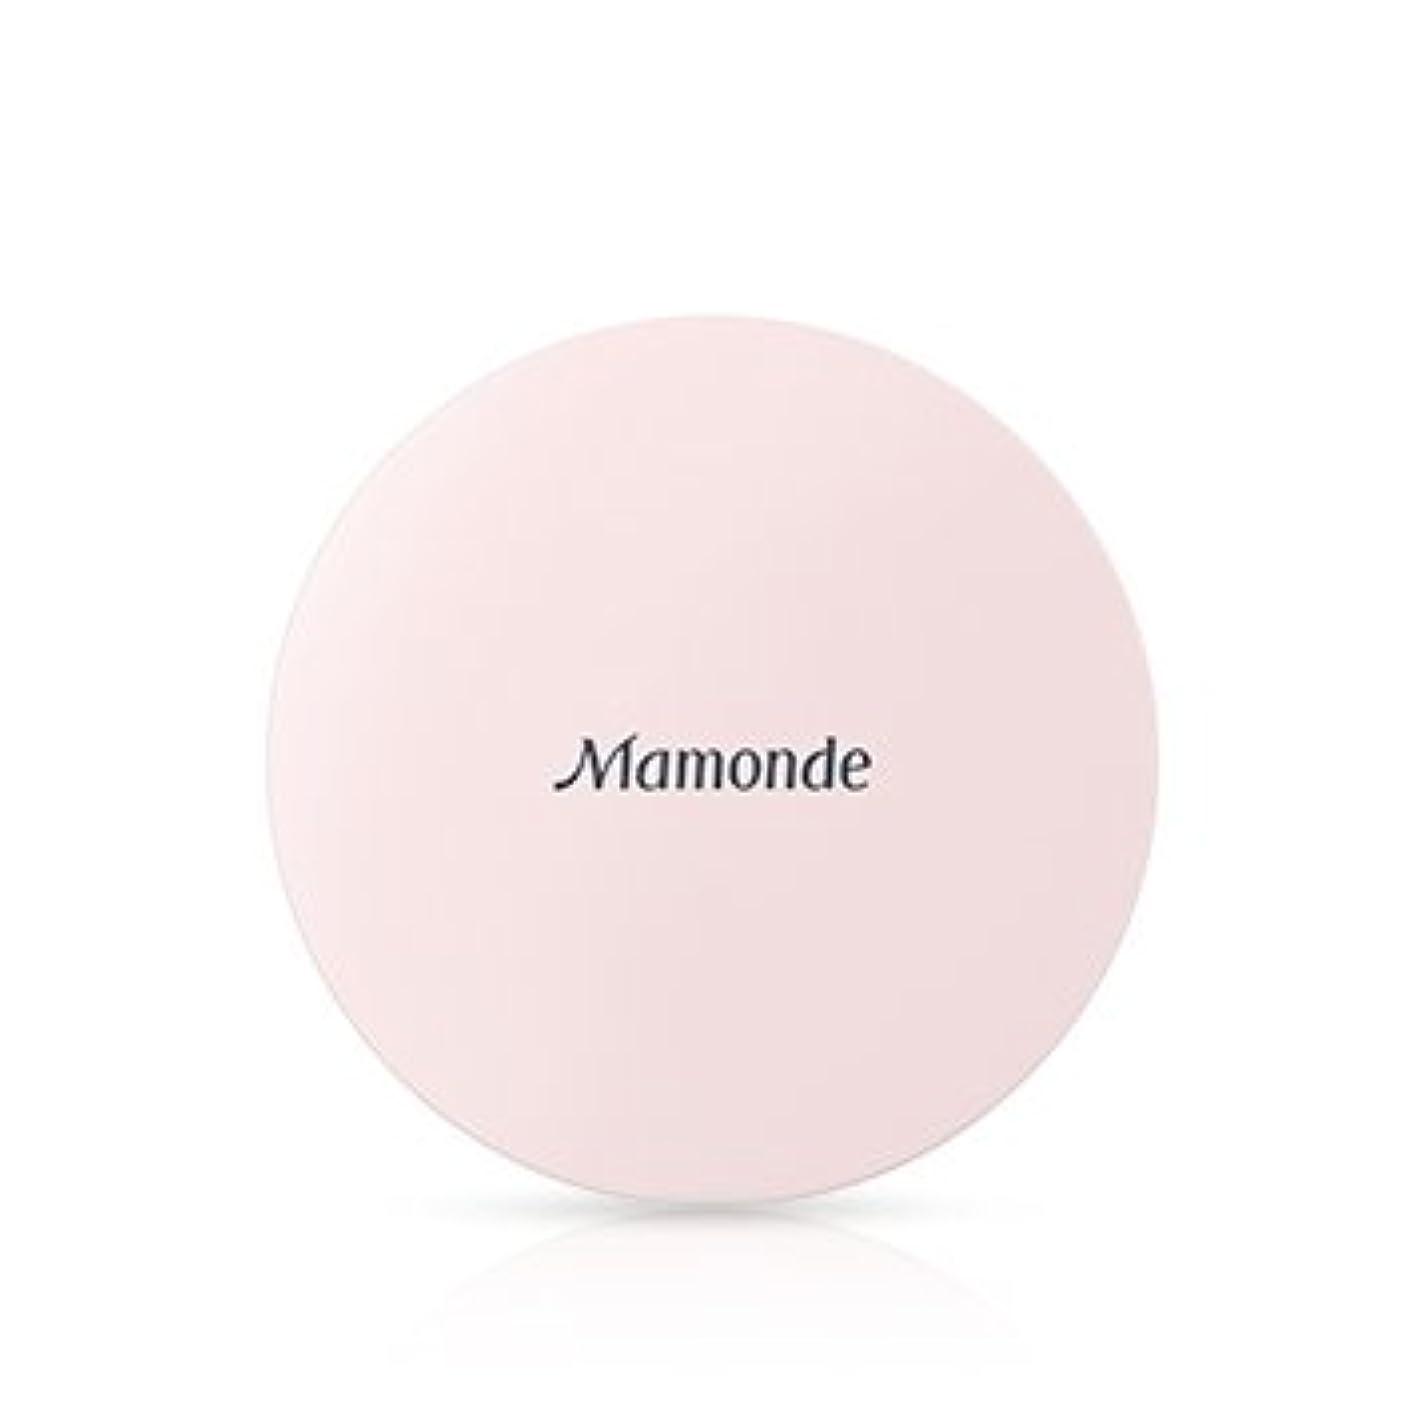 頭痛シルク成功する[New] Mamonde High Cover Liquid Cushion 15g/マモンド ハイ カバー リキッド クッション 15g (#17 Cover Porcelain) [並行輸入品]